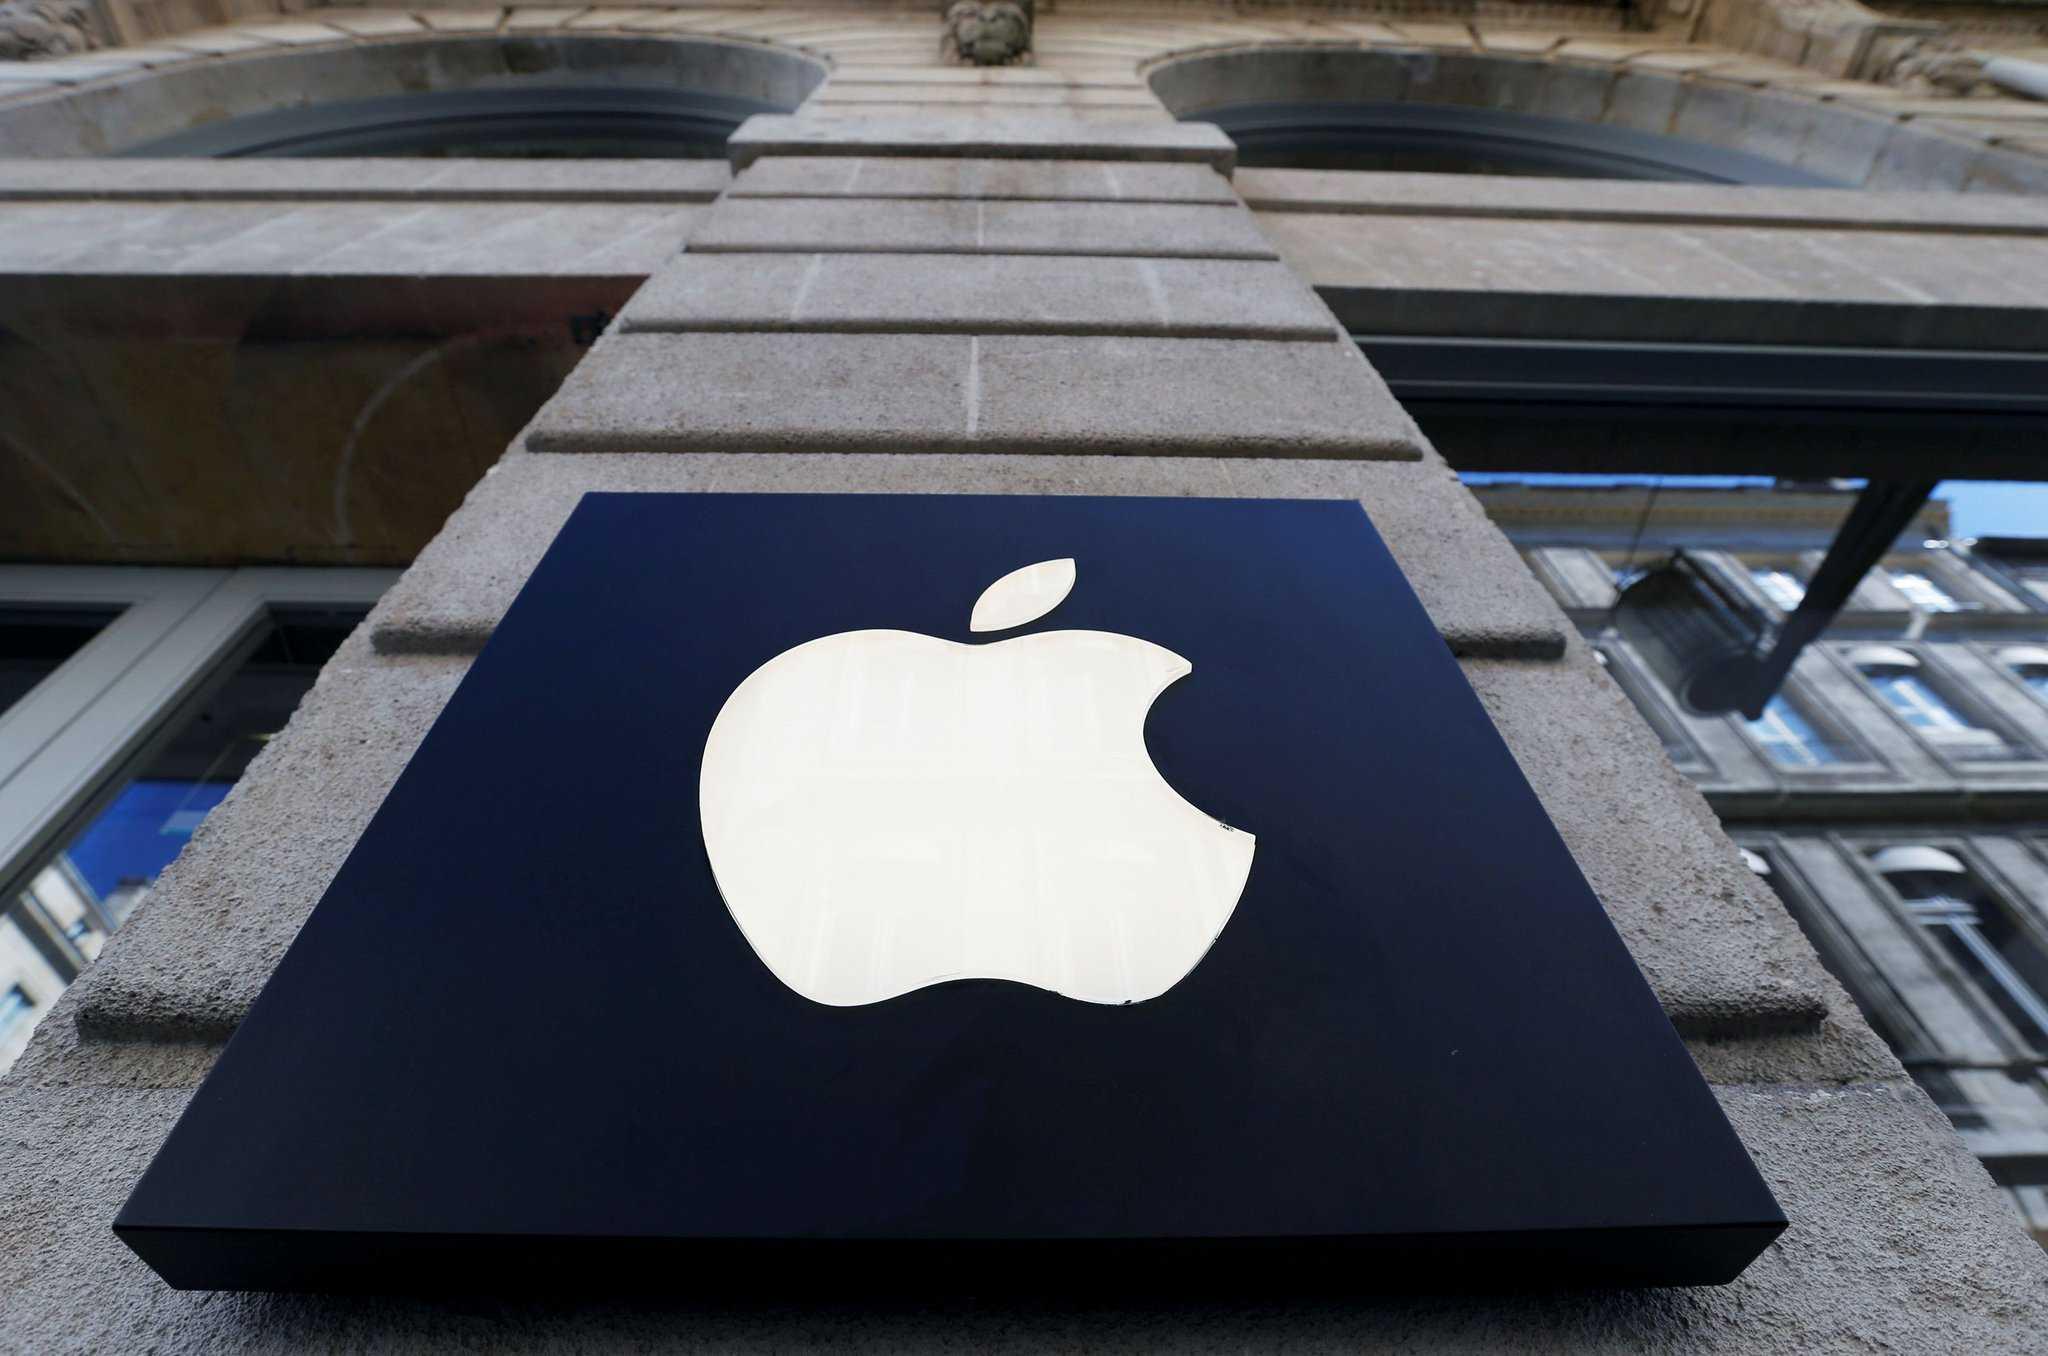 Apple заплатит калифорнийскому институту почти миллиард долларов за нарушение патентов   appleinsider.ru